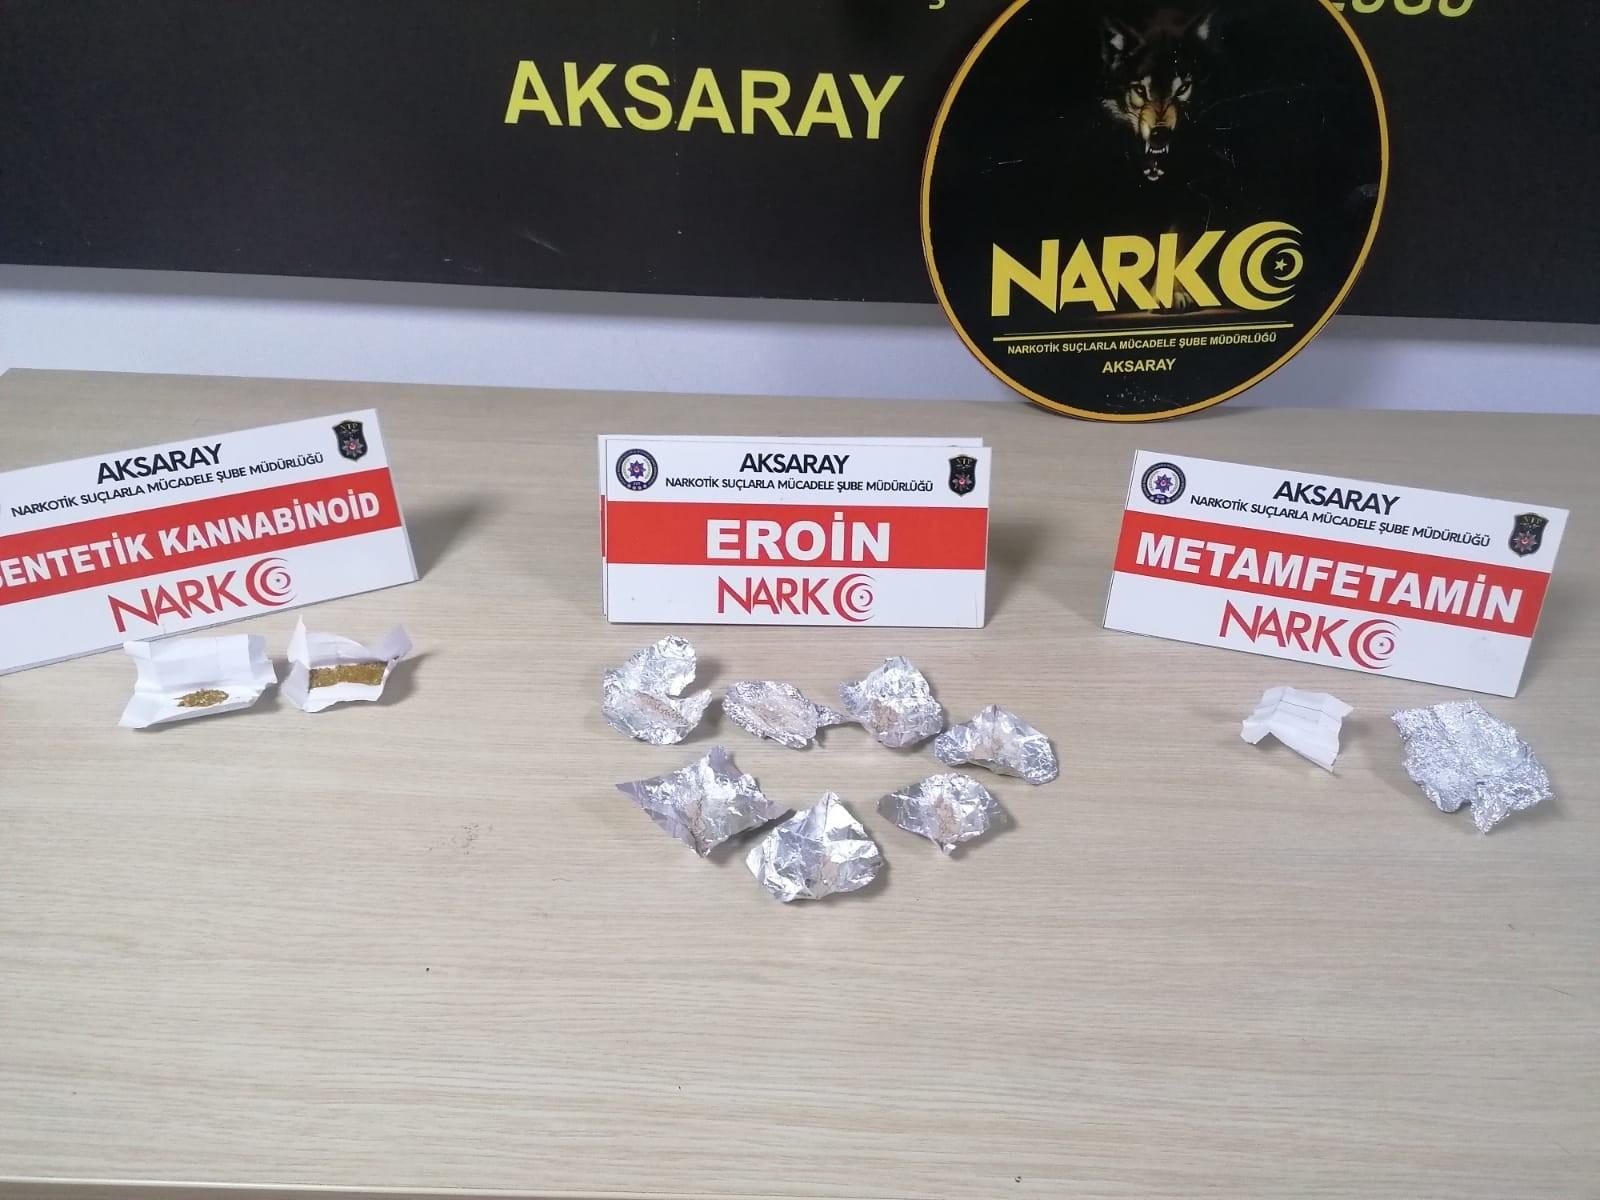 Aksaray'da düzenlenen uyuşturucu operasyonunda 5 şüpheli tutuklandı